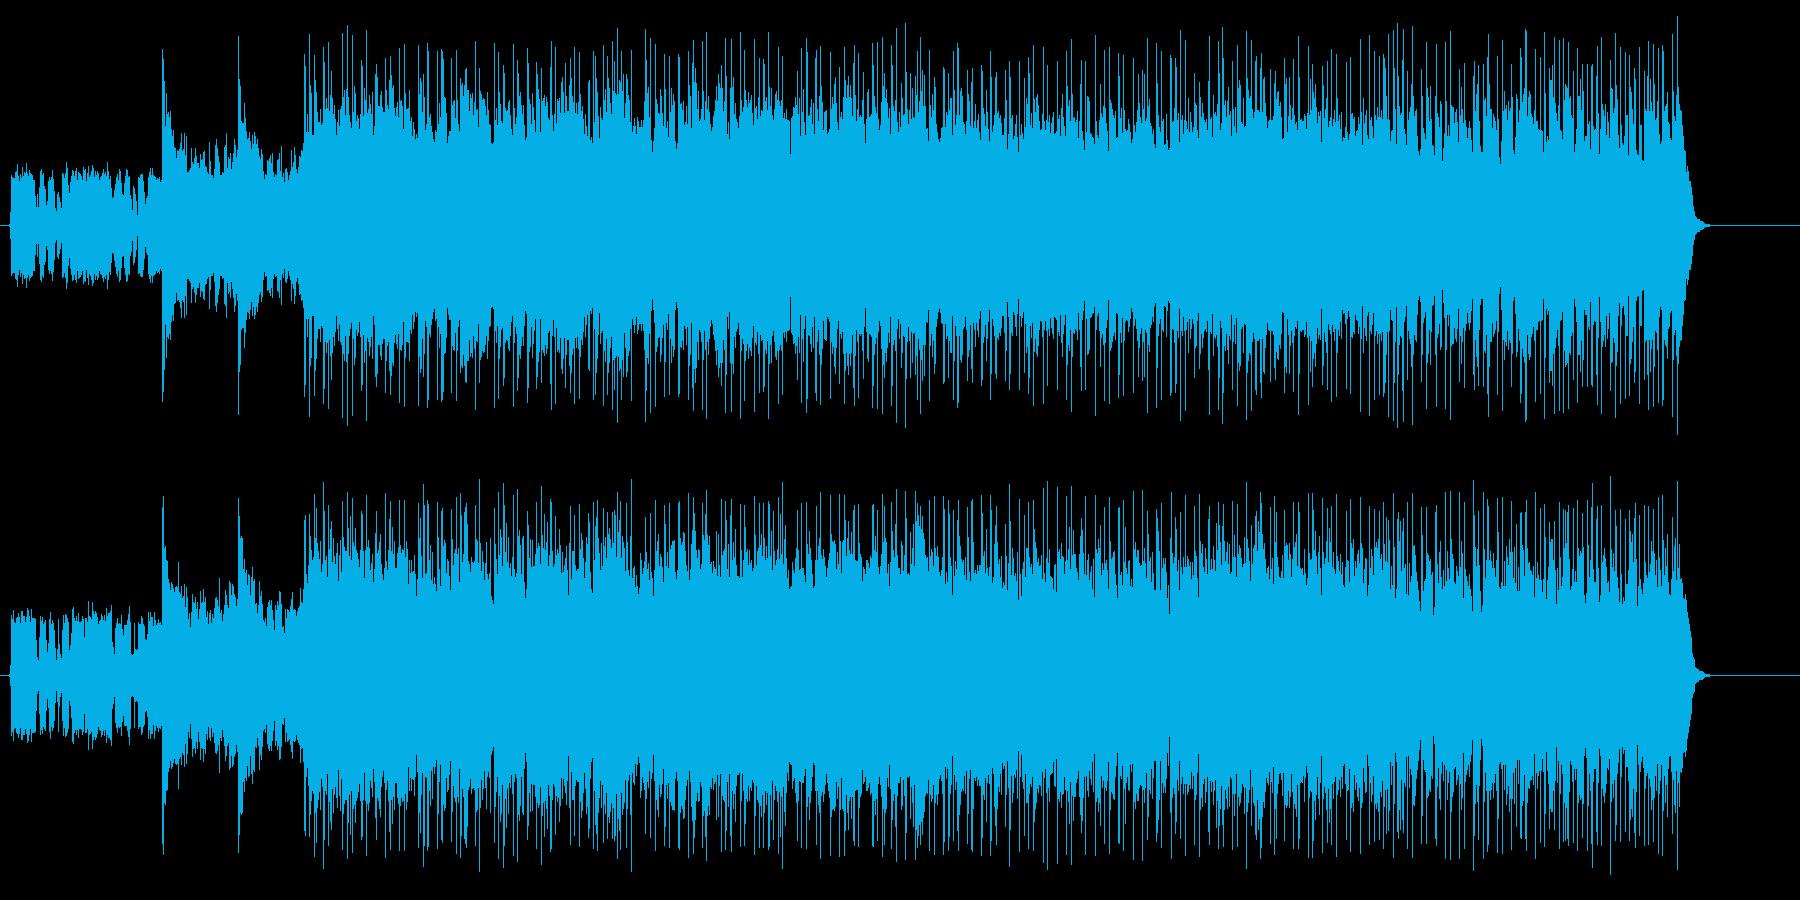 重たいアメリカンミディアムハードロックの再生済みの波形